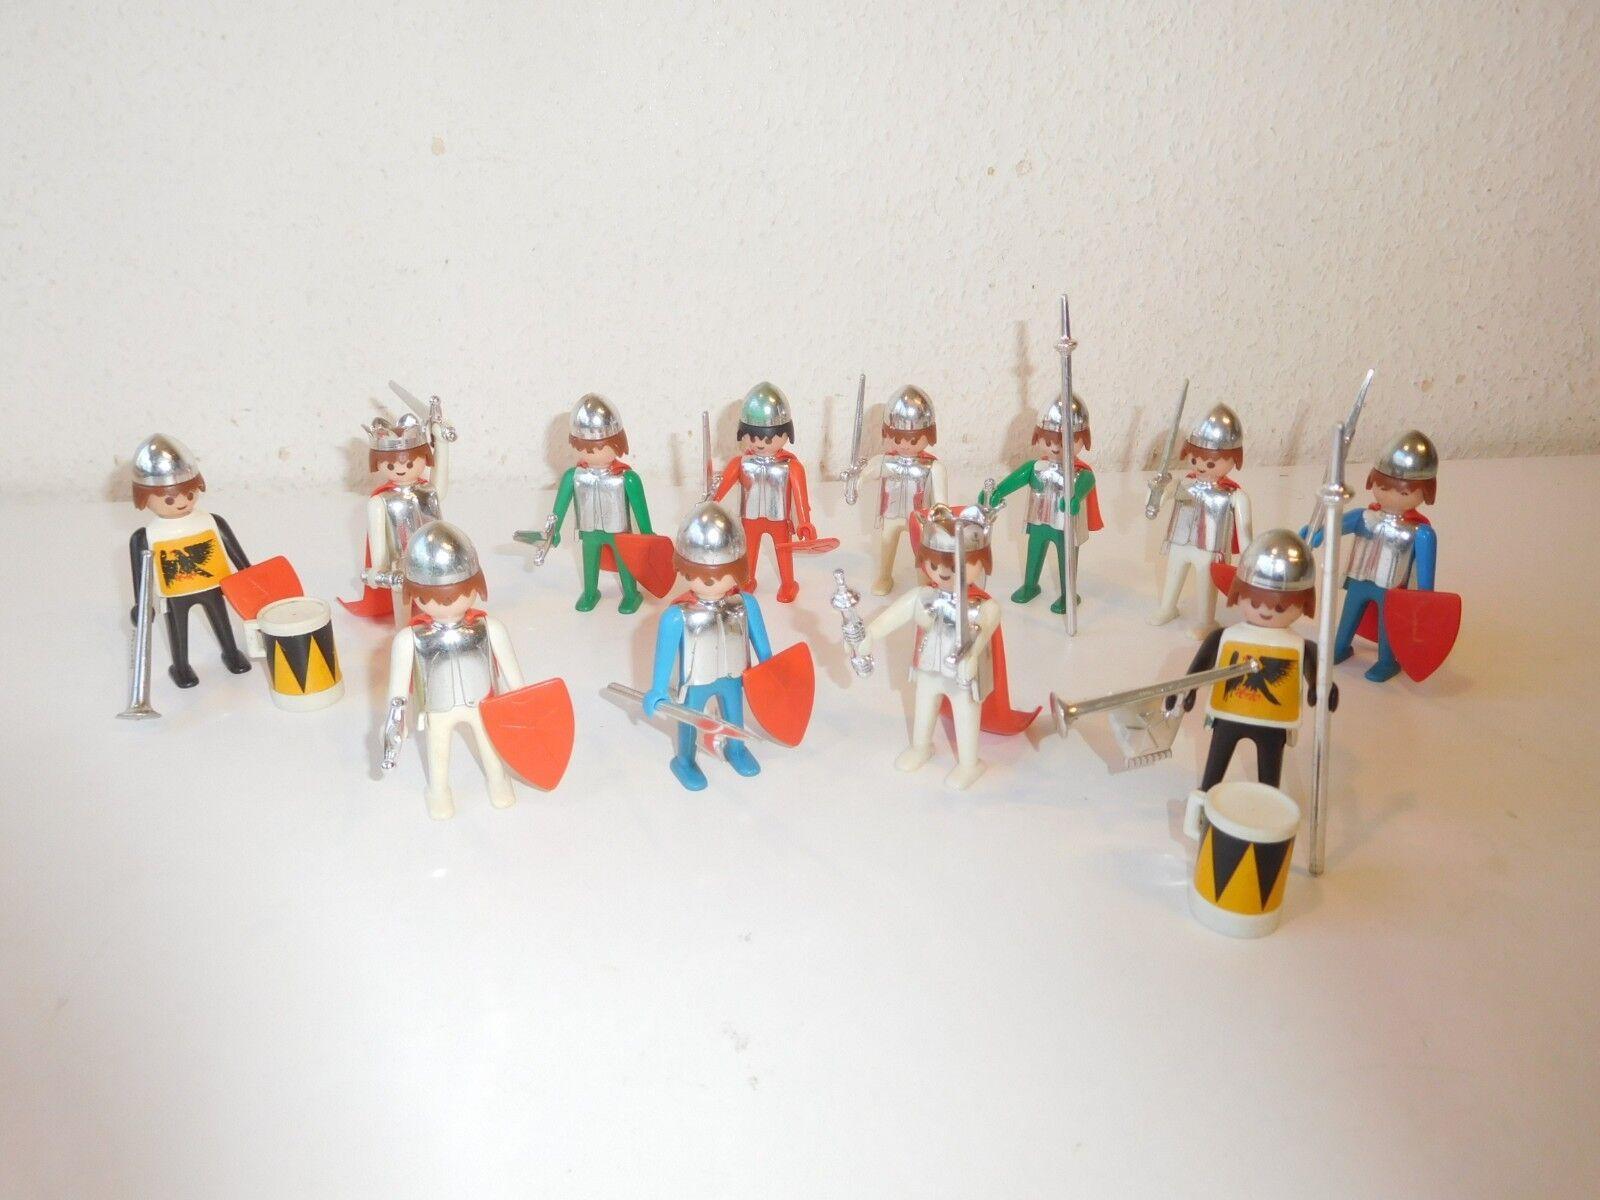 Playmobil first klicky's  b print foot feet feet feet like 3130 3135 3265 b-Prägung (2) 31f19a